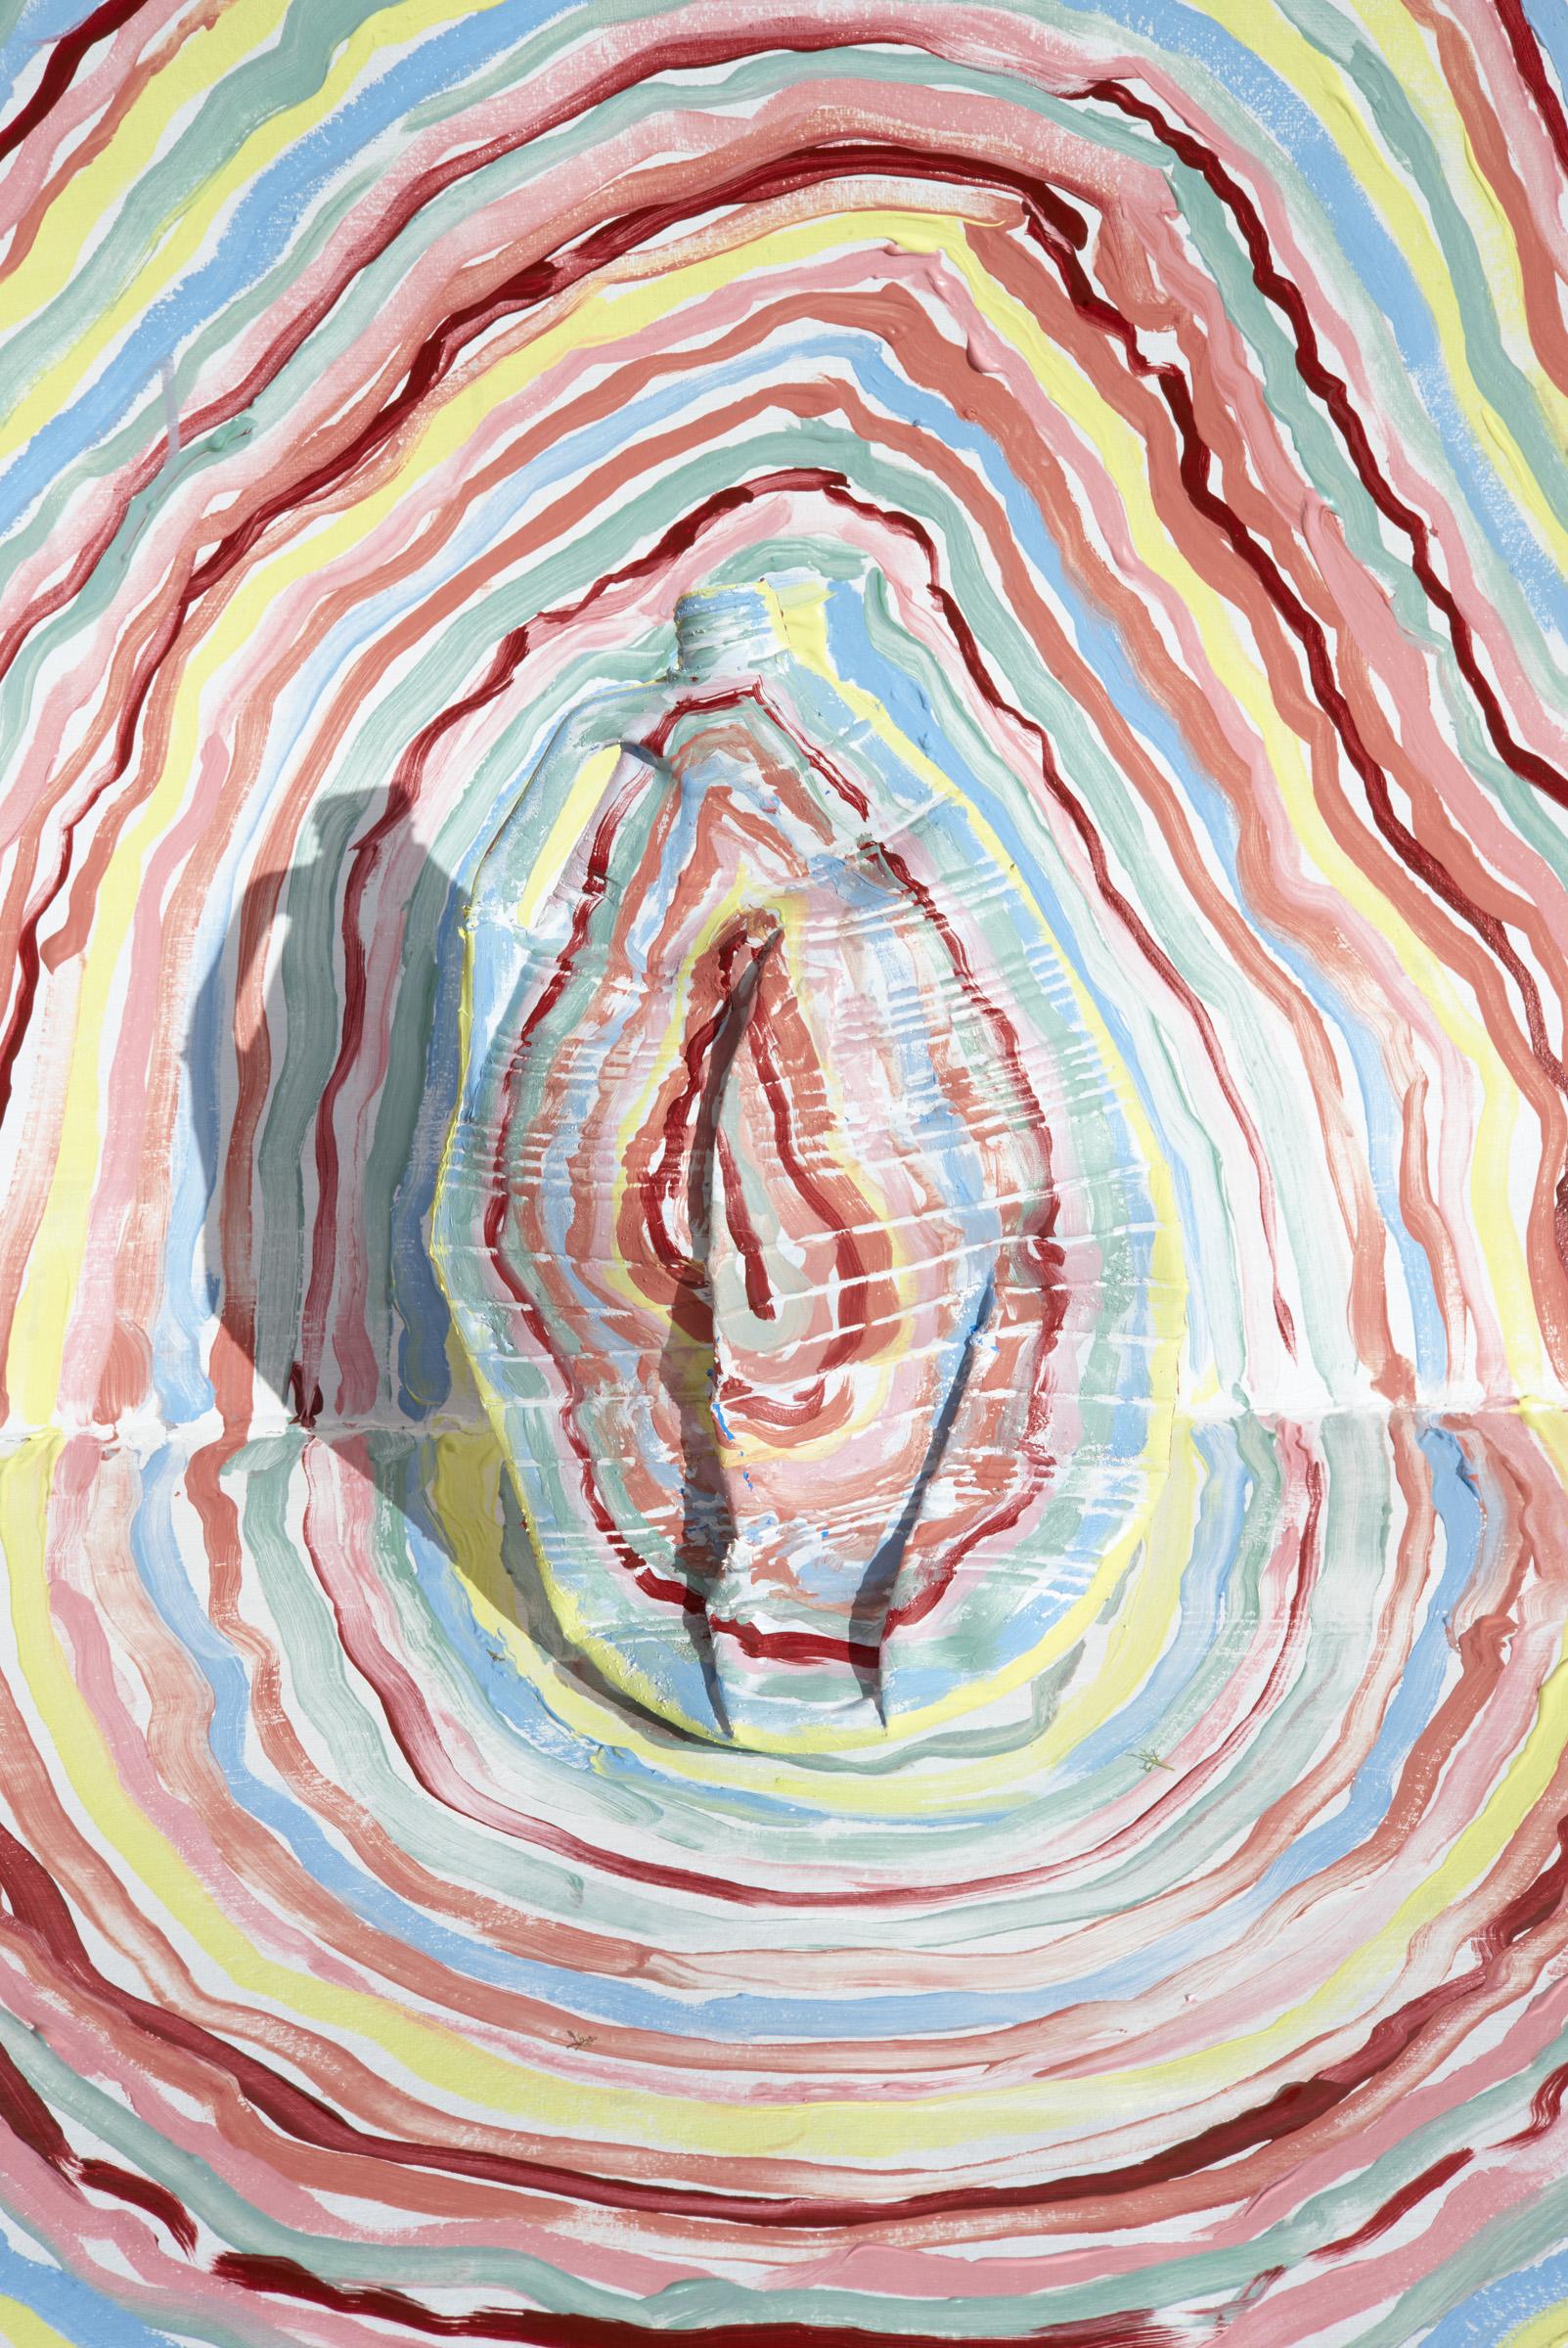 Thirza Schaap, oyster, 2020. Courtesy of the artist and Bildhalle Zürich + Amsterdam